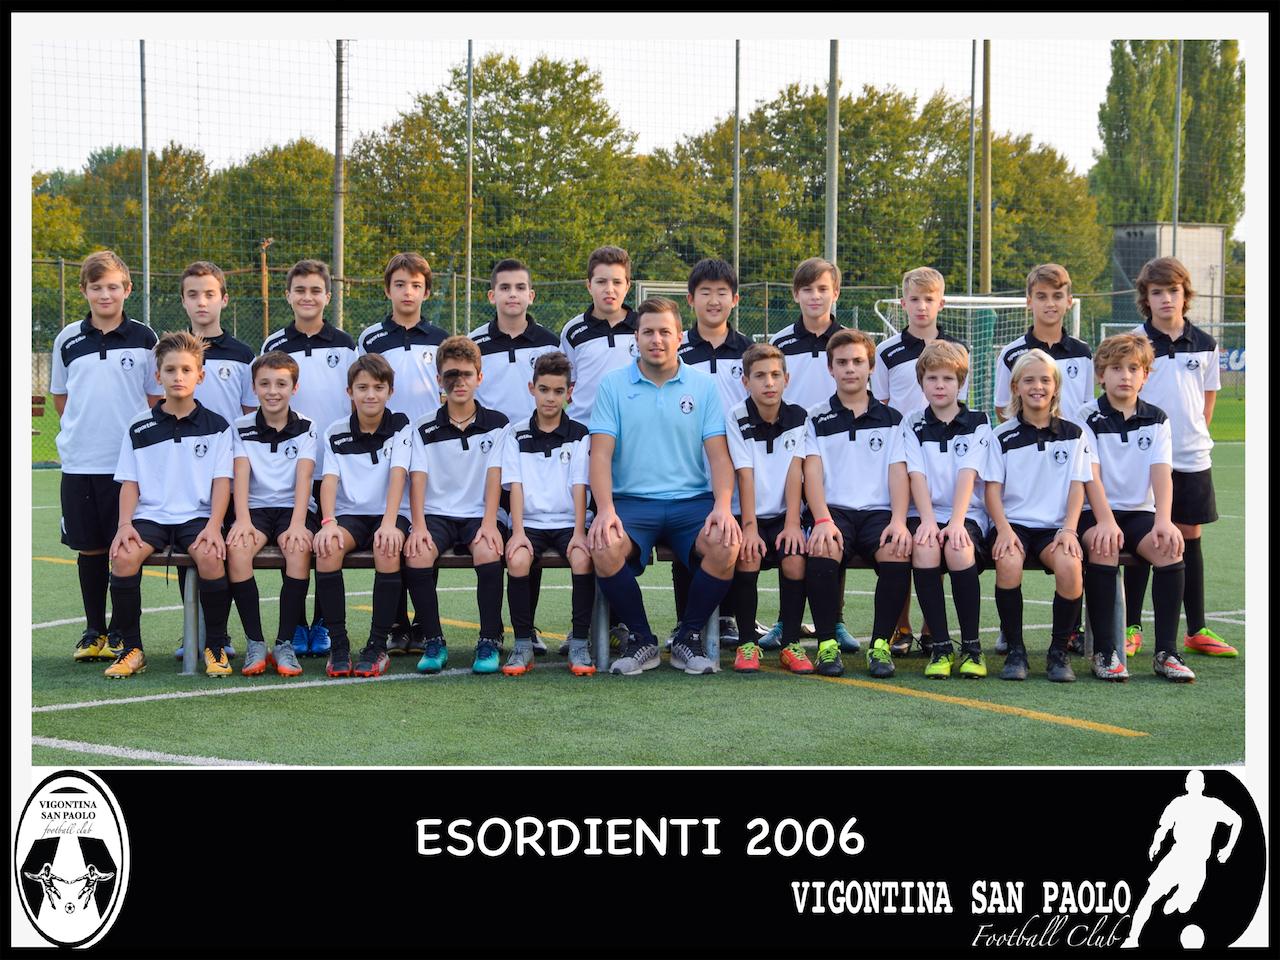 2006 Esordienti Elitè